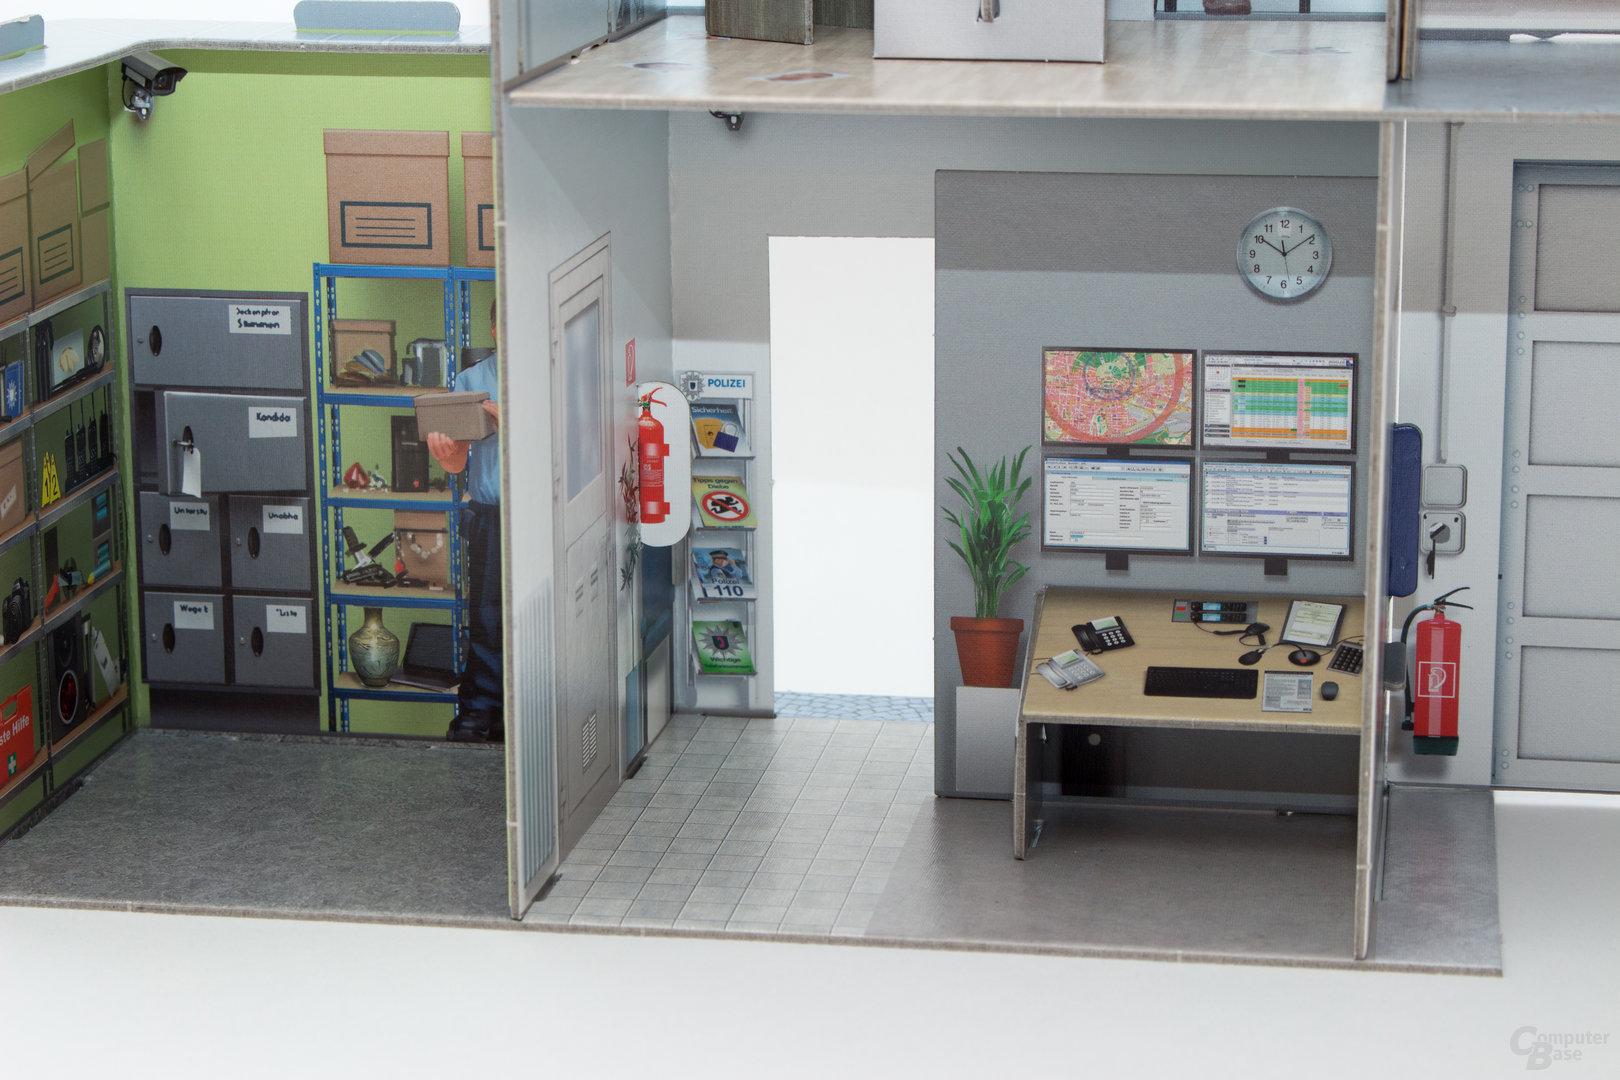 Die Polizeistation bietet viele Dinge, die Entdeckt werden wollen